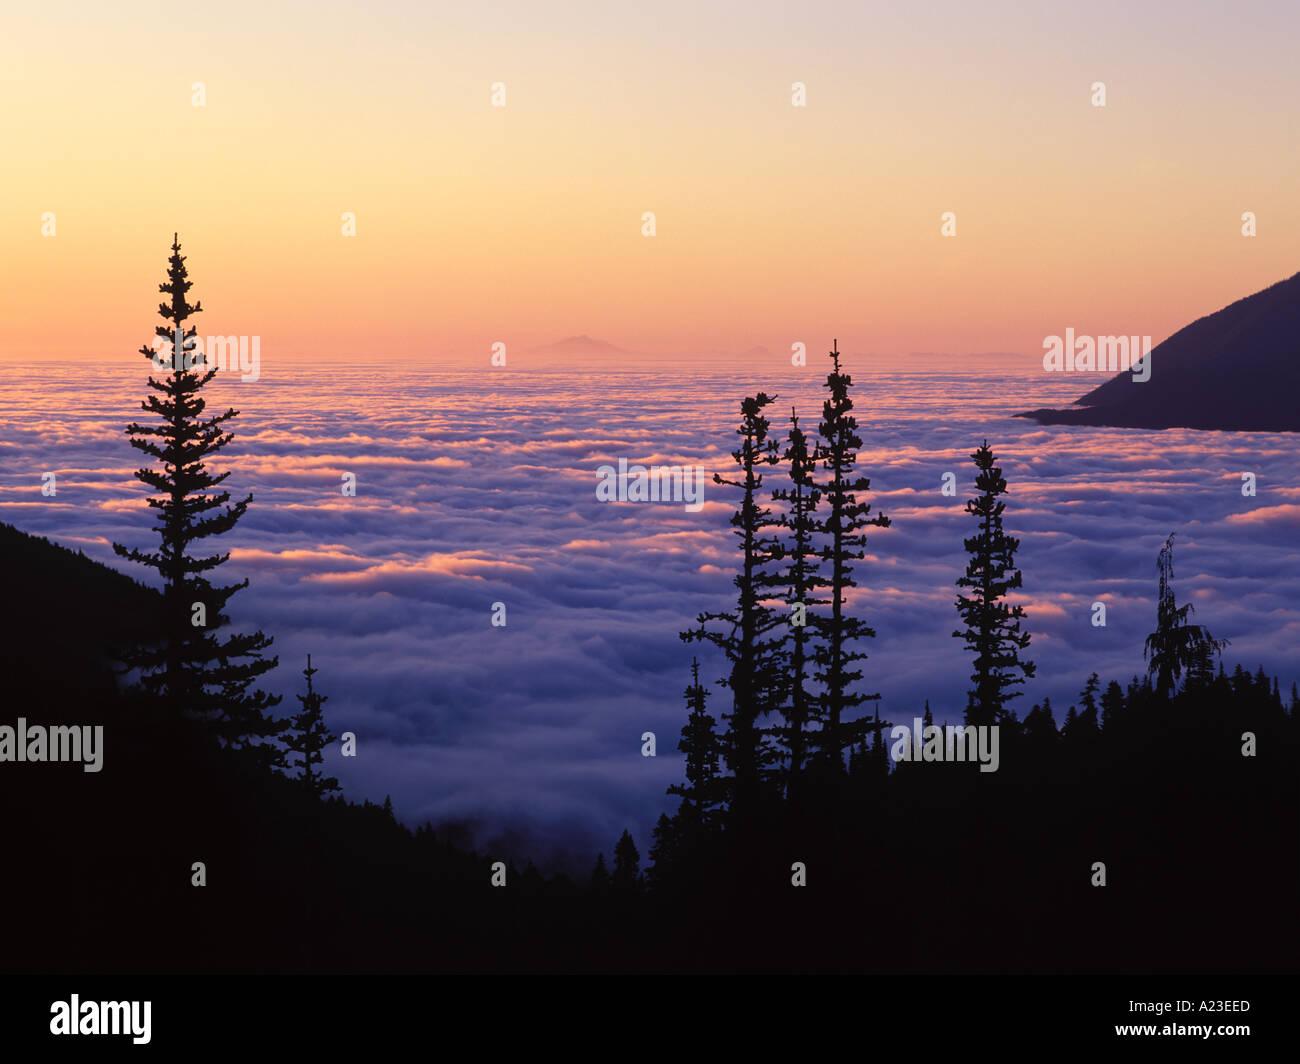 Siluetas de árboles y niebla en la madrugada el huracán Road Olympic National Park Washington EE.UU. Imagen De Stock